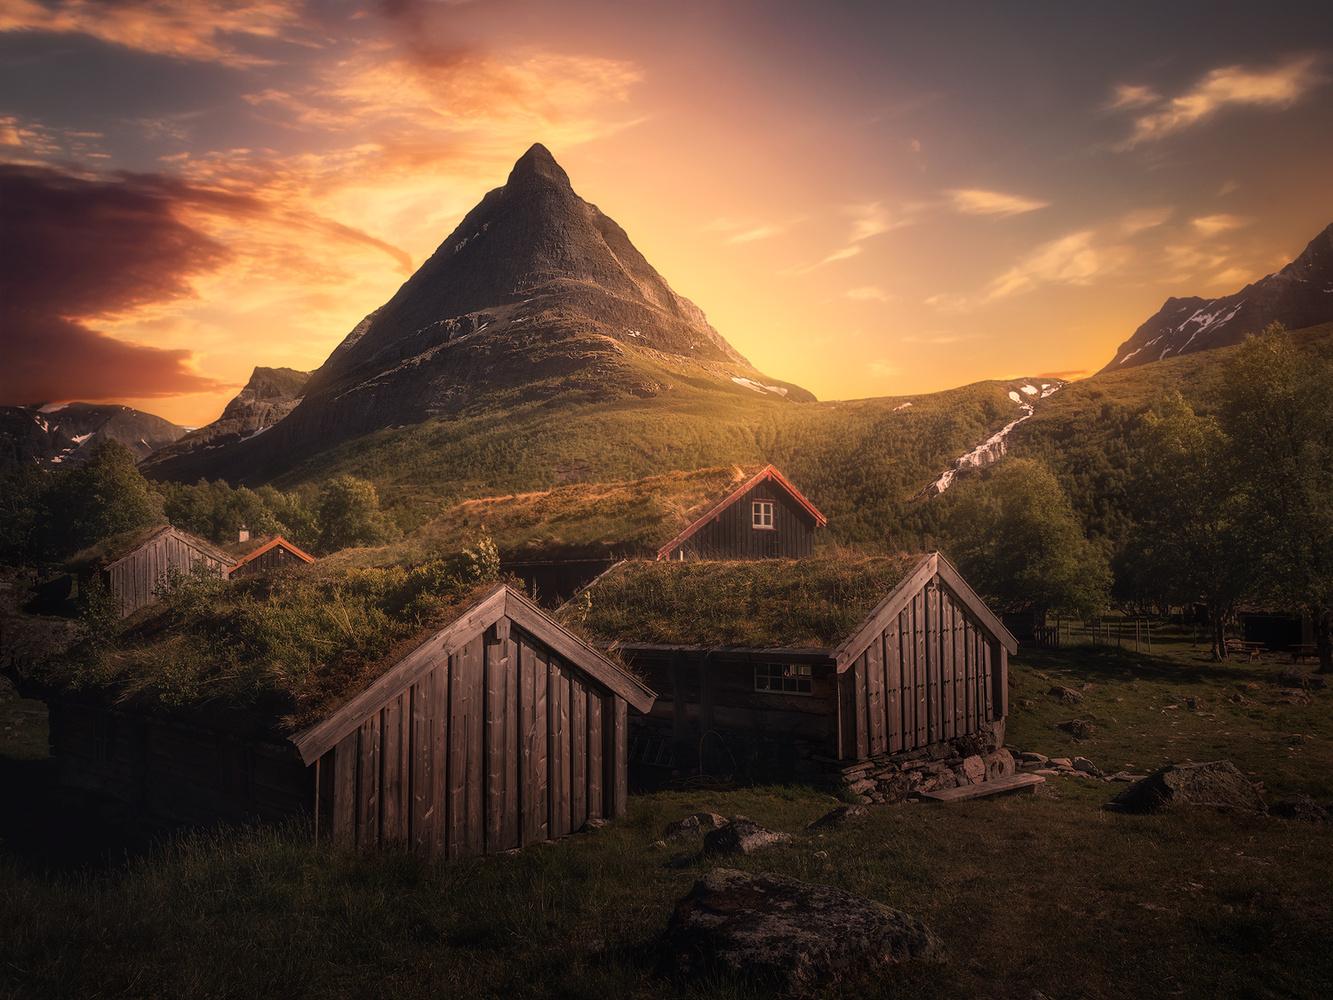 Summer in Innerdalen by Fredrik Strømme